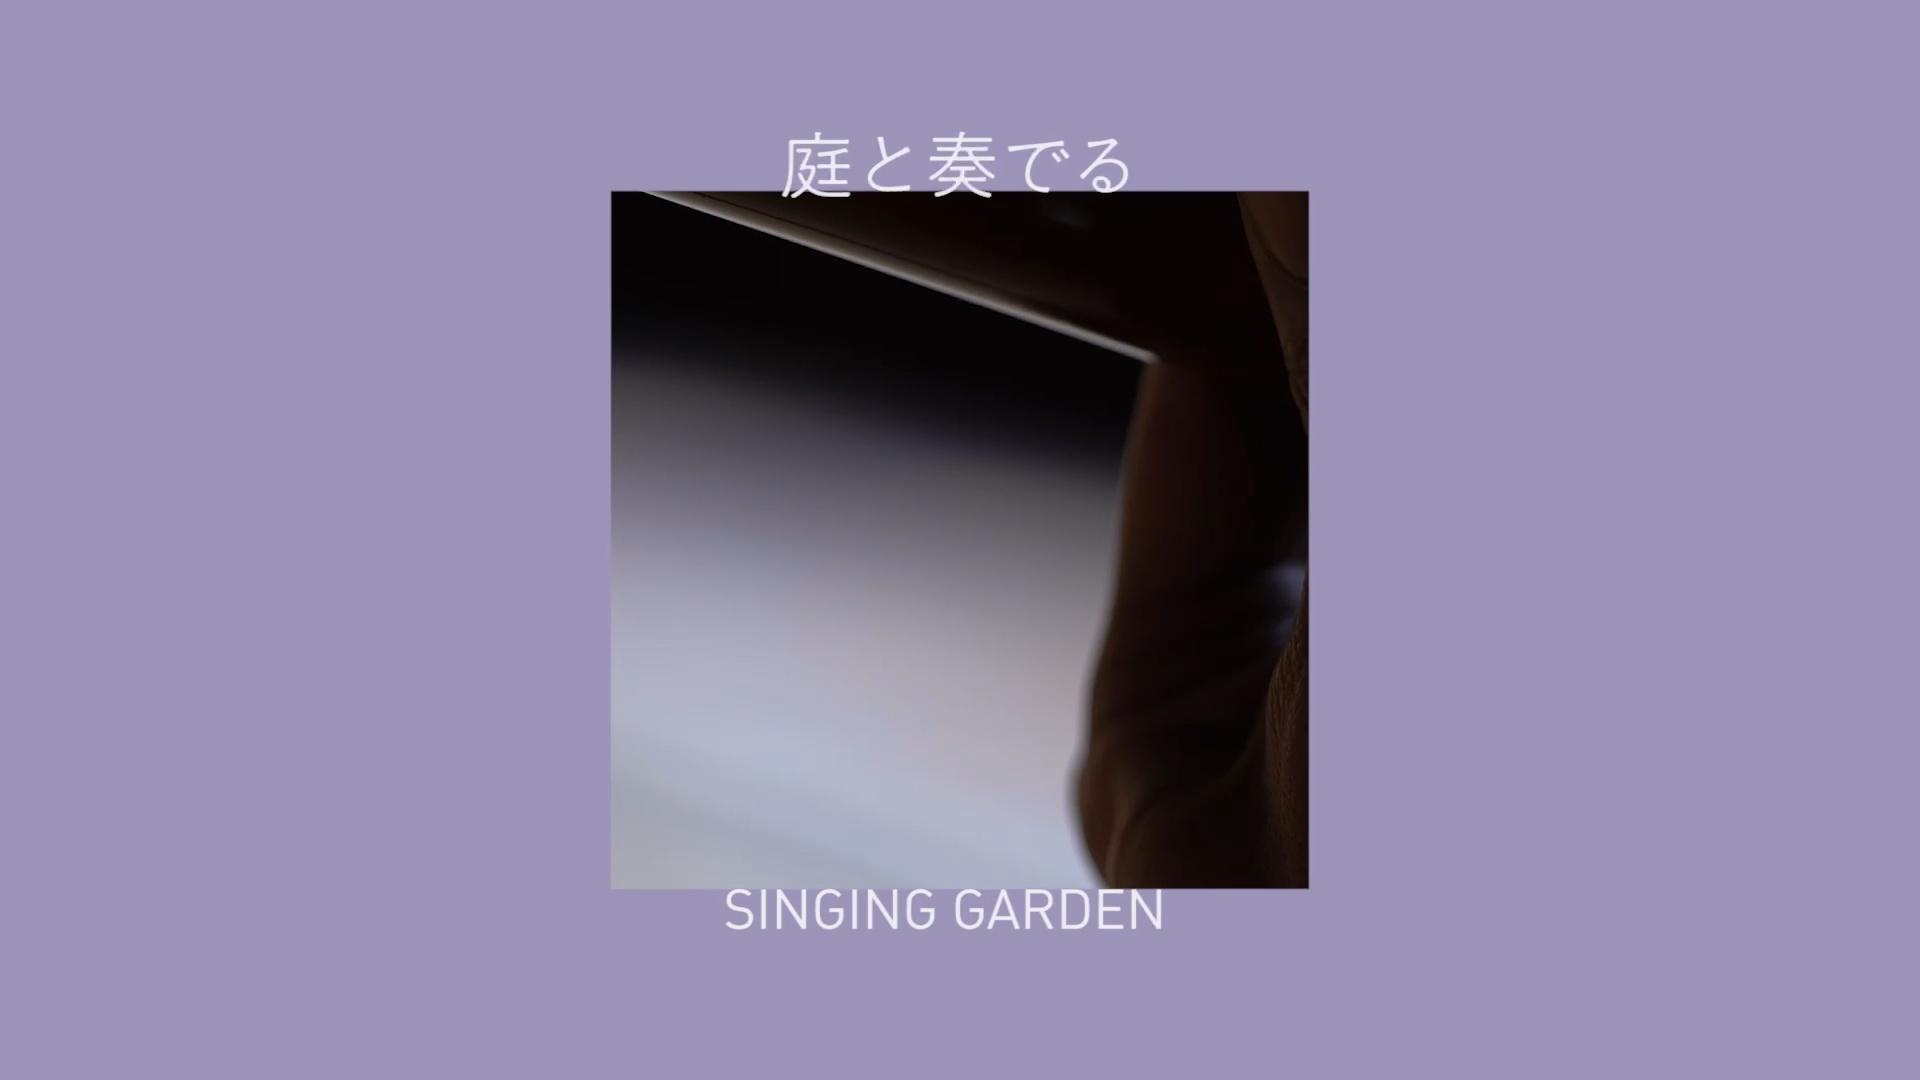 庭と奏でる [Singing Garden]005